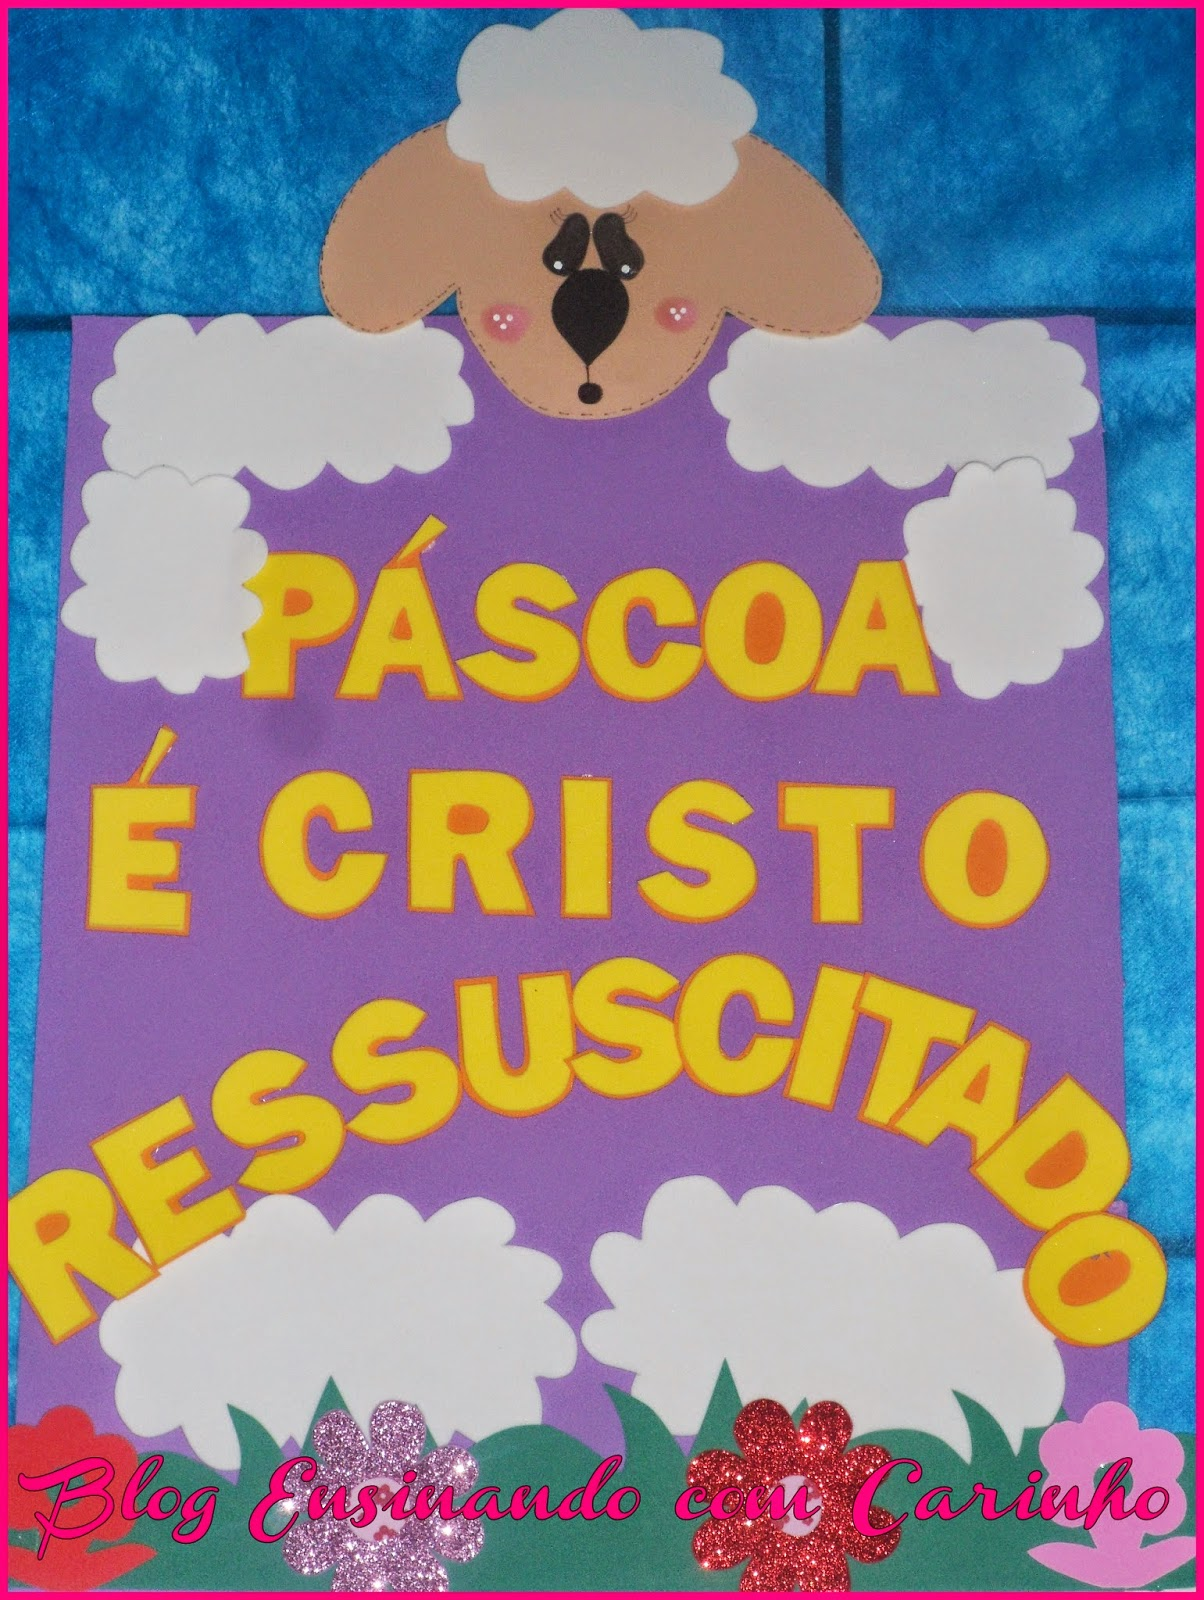 Mural Da Páscoa Cordeiro Ensinando Com Carinho